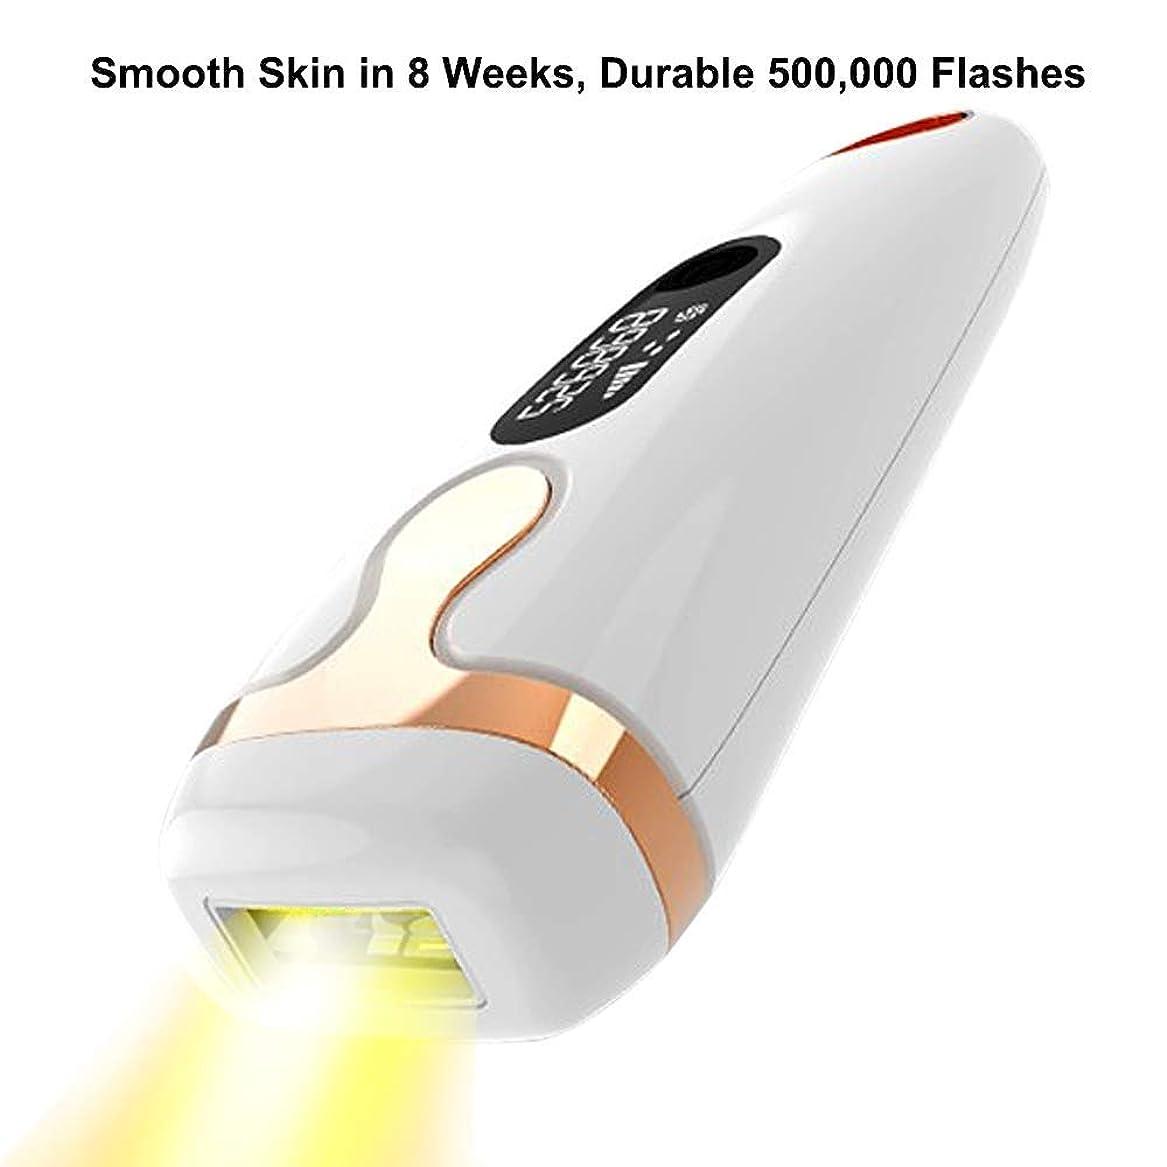 ステートメントサワー世辞レーザー脱毛器具全身用光子脱毛器脱毛よりもプライベートな部分500,000光脱毛器具